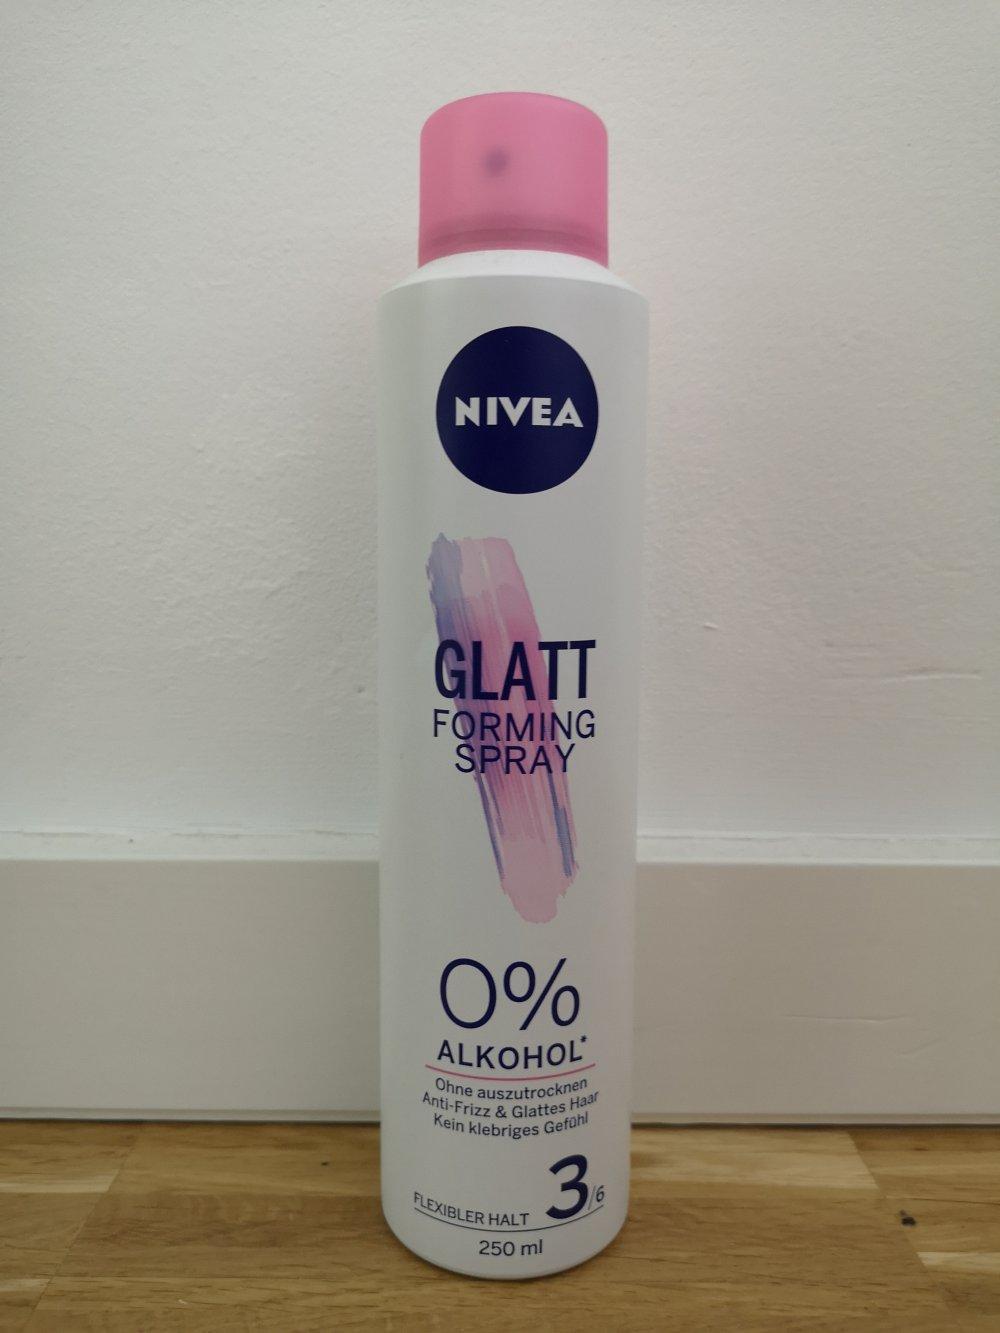 nivea glatt forming spray